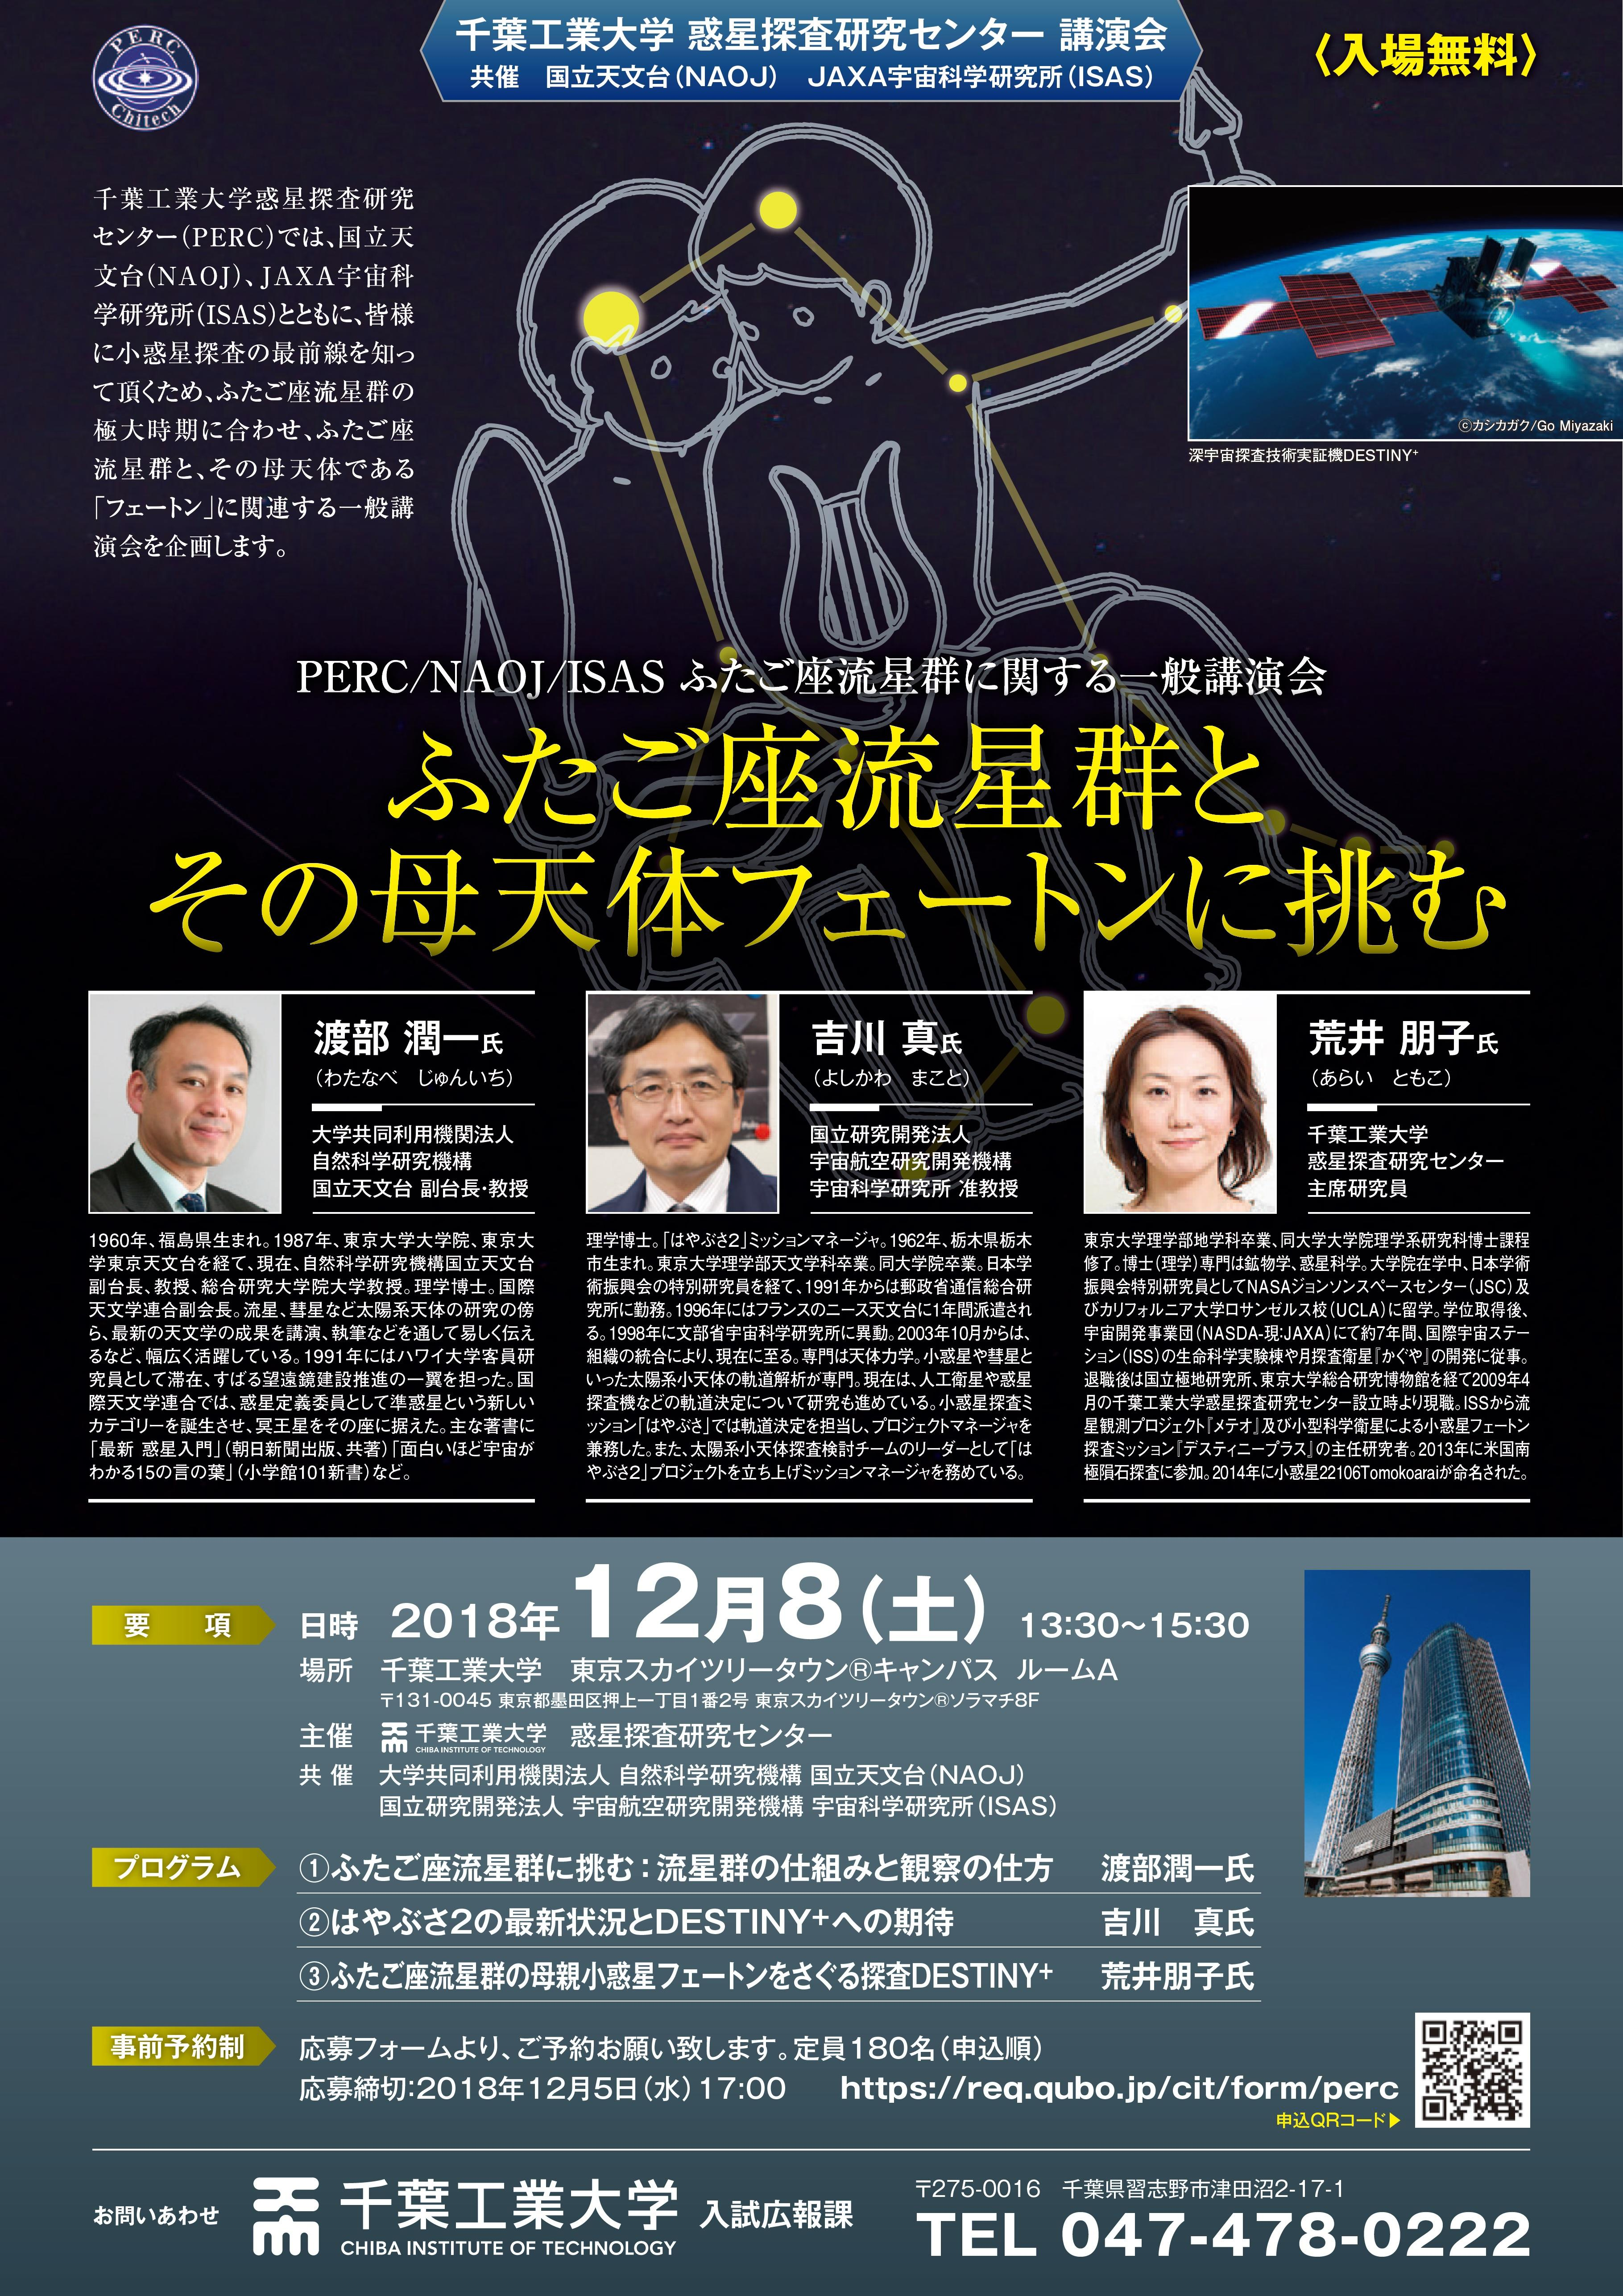 12/8(土)、千葉工業大学東京スカイツリータウン(R)キャンパスにて講演会「ふたご座流星群とその母天体フェートンに挑む」を開催